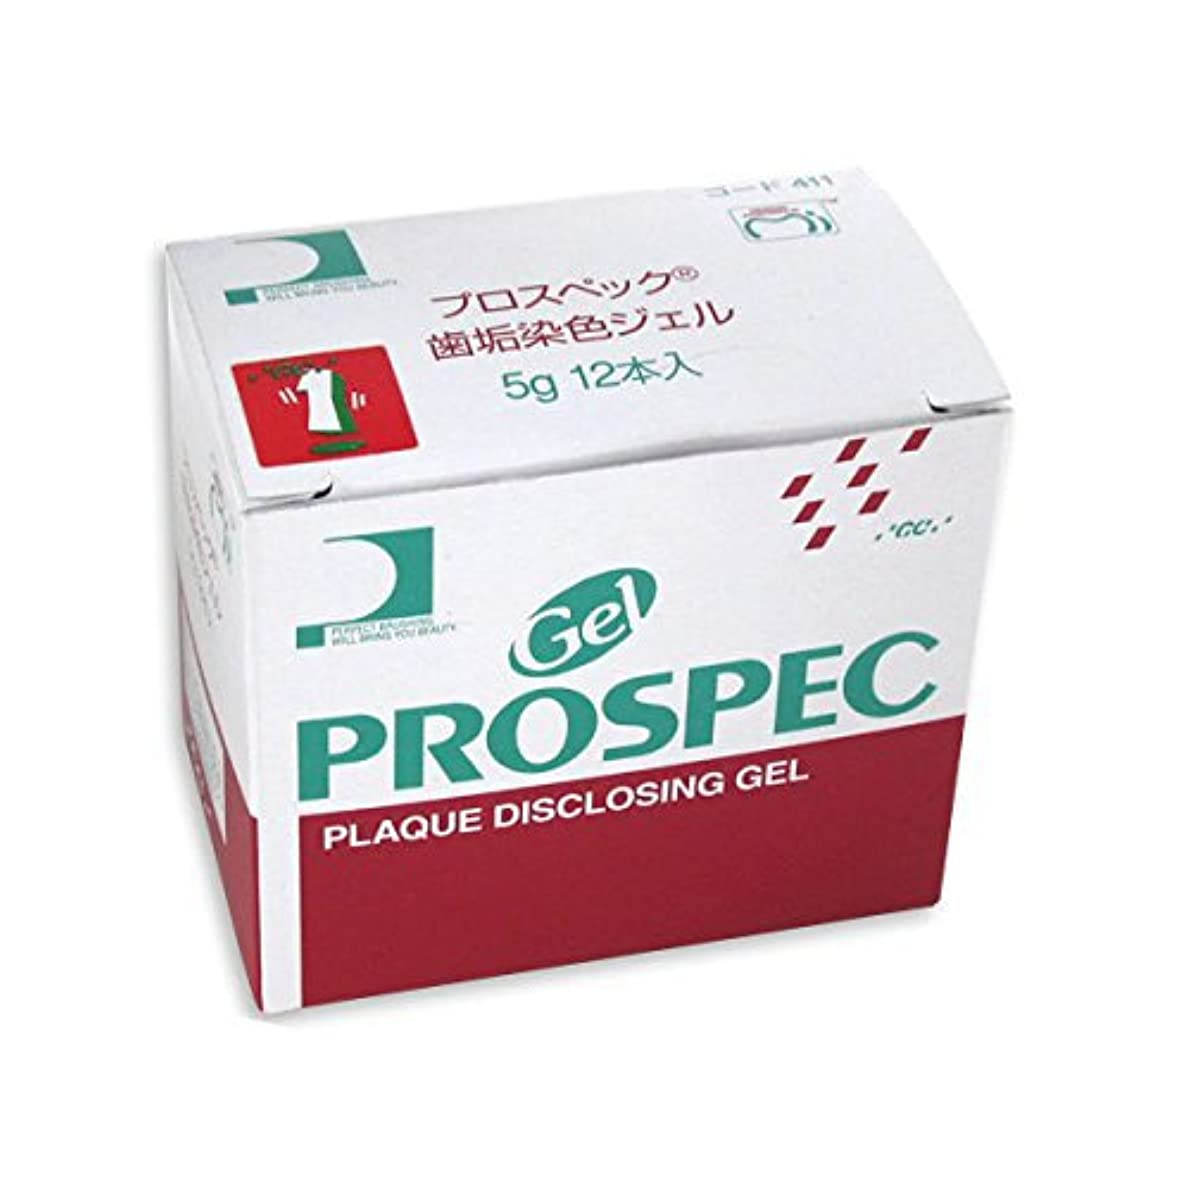 スムーズに引き付ける甘やかすプロスペック ジーシー プロスペック 歯垢染色ジェル 5g×12個単品